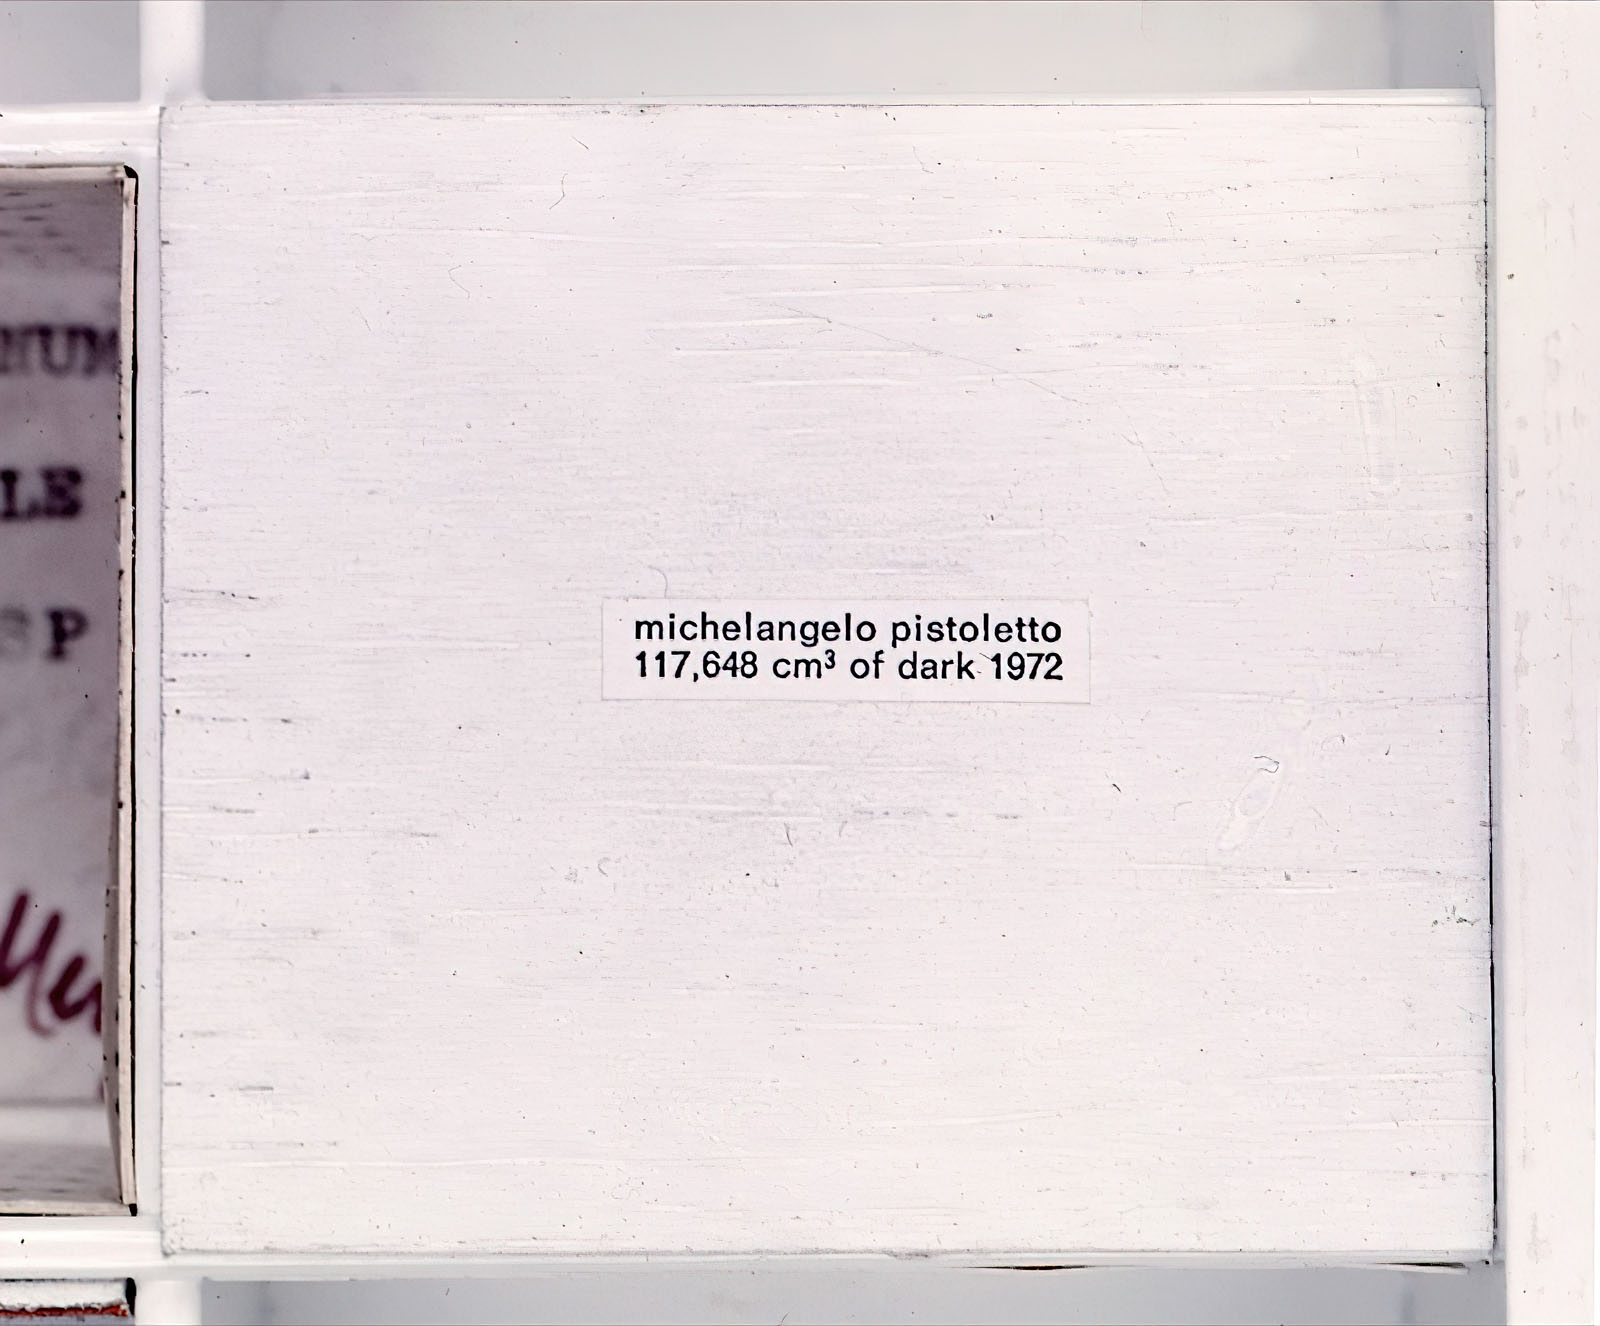 Michelangelo Pistoletto - 117,648 cm³ of Dark